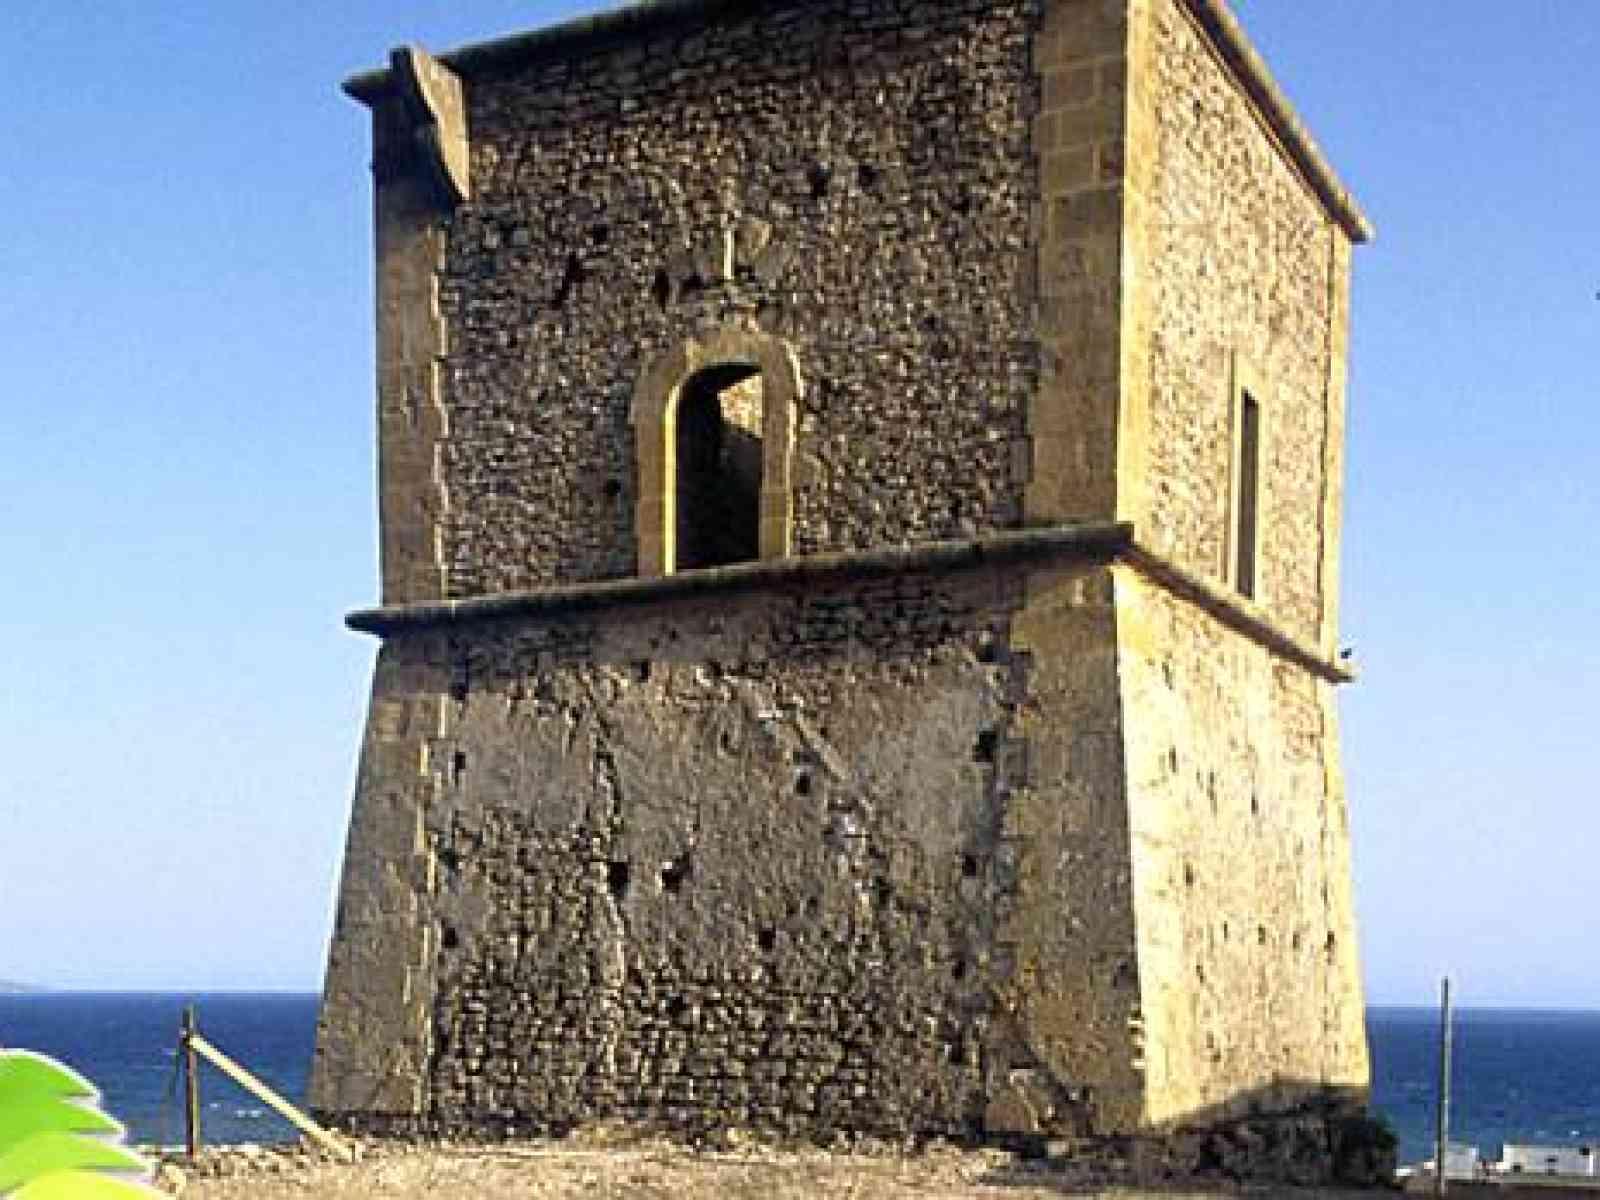 Menfi. L'Ass. Porto Palo si offre per ripristinare l'illuminazione della Torre  a proprie spese